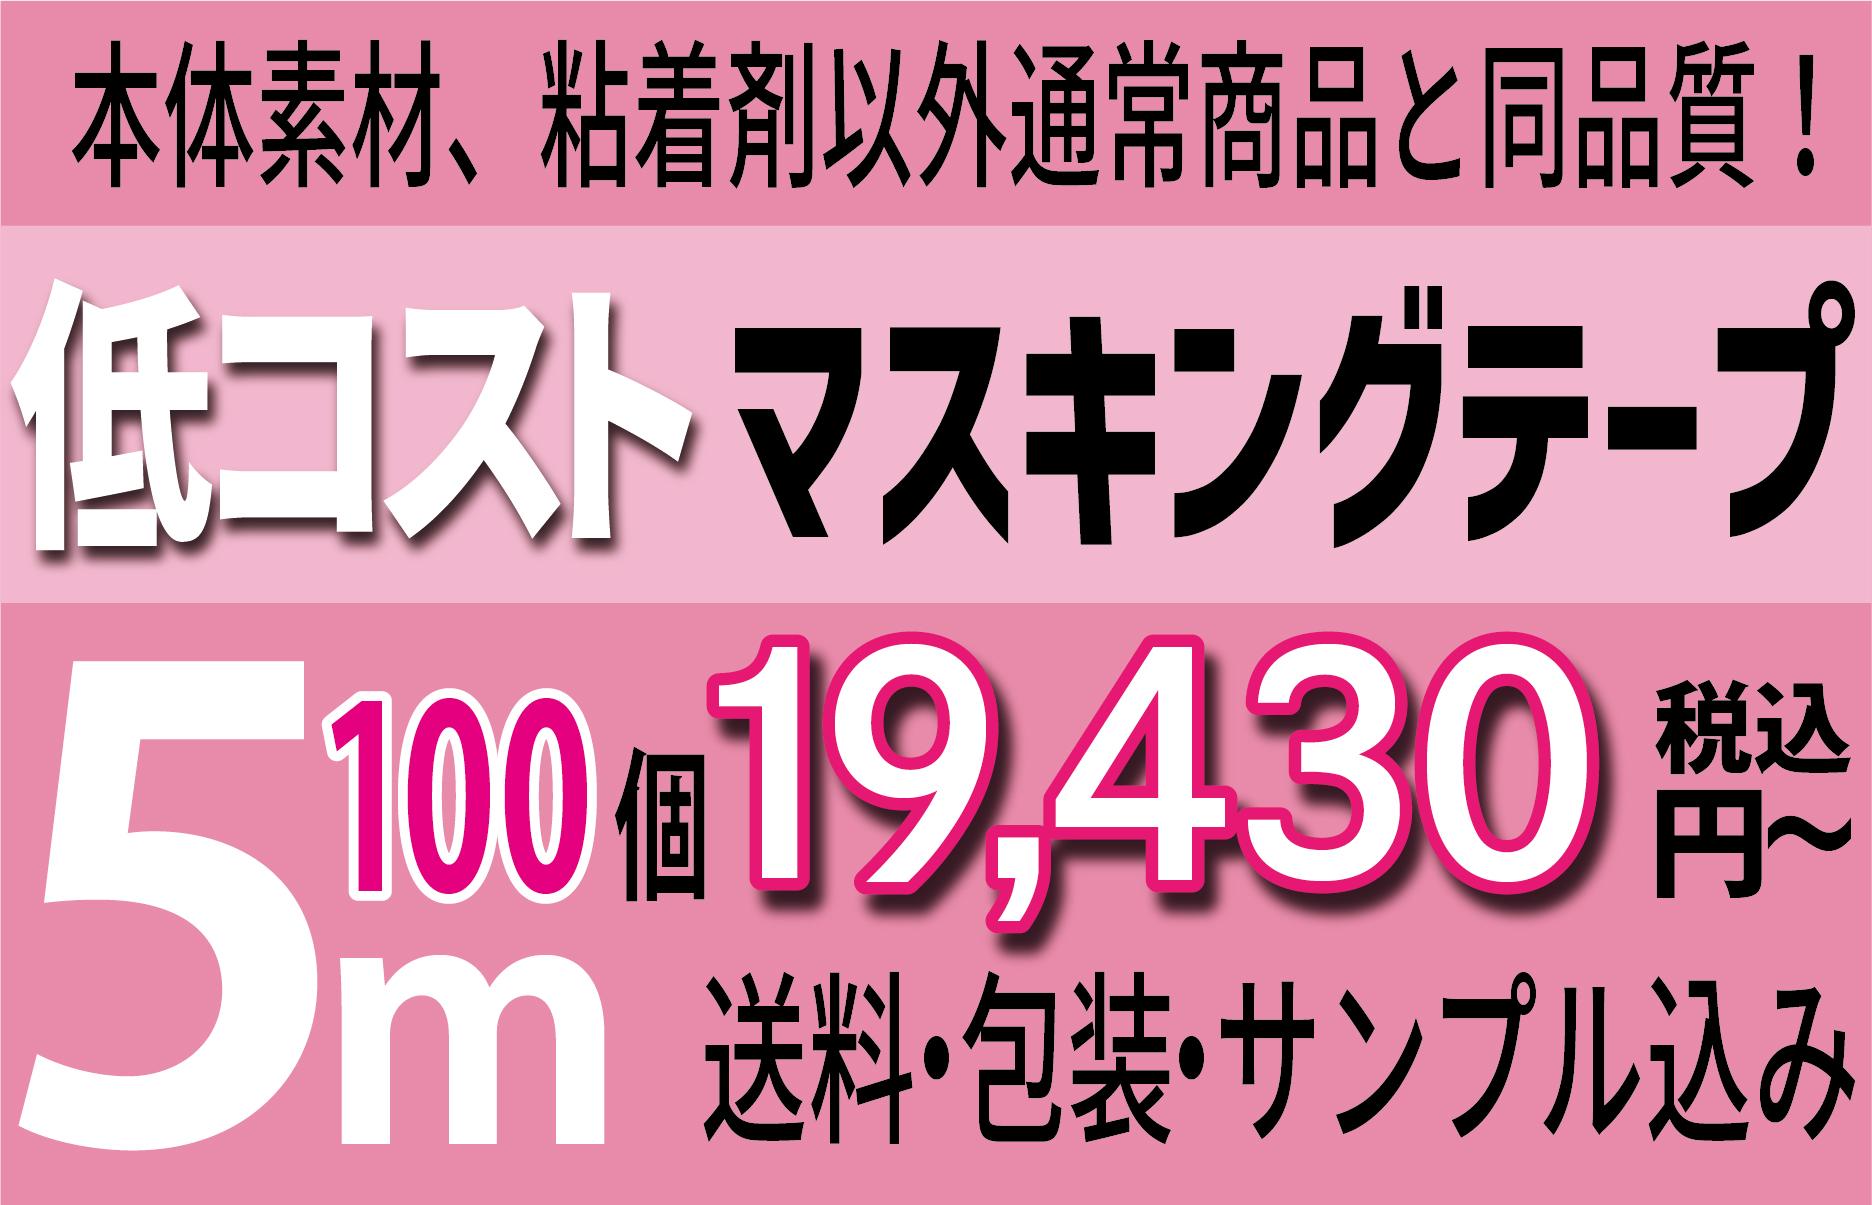 ≫5m(低コスト)